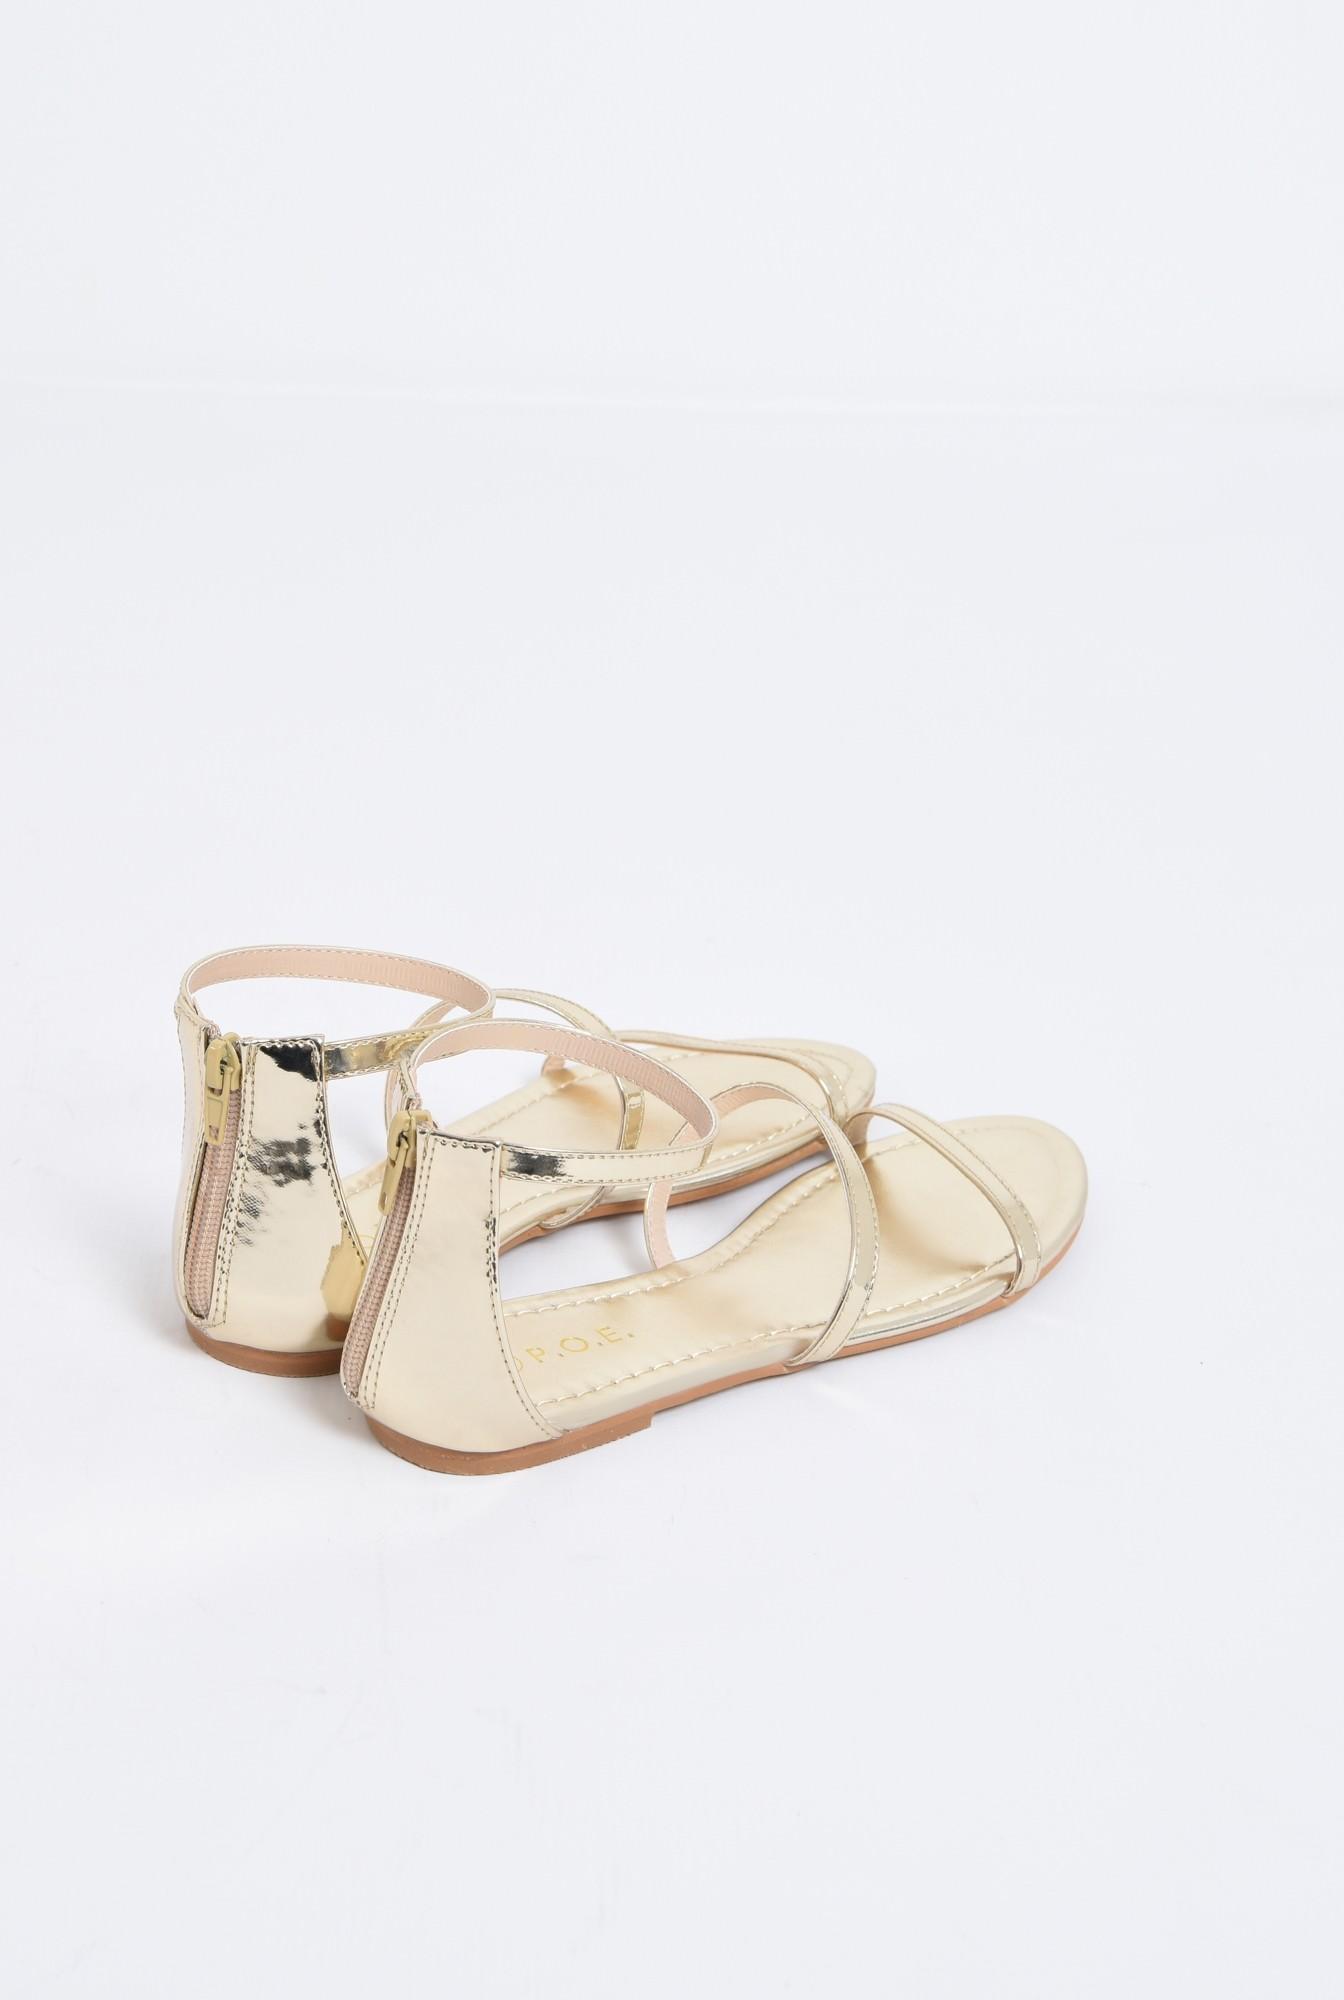 3 - sandale casual, aurii, cu barete subtiri